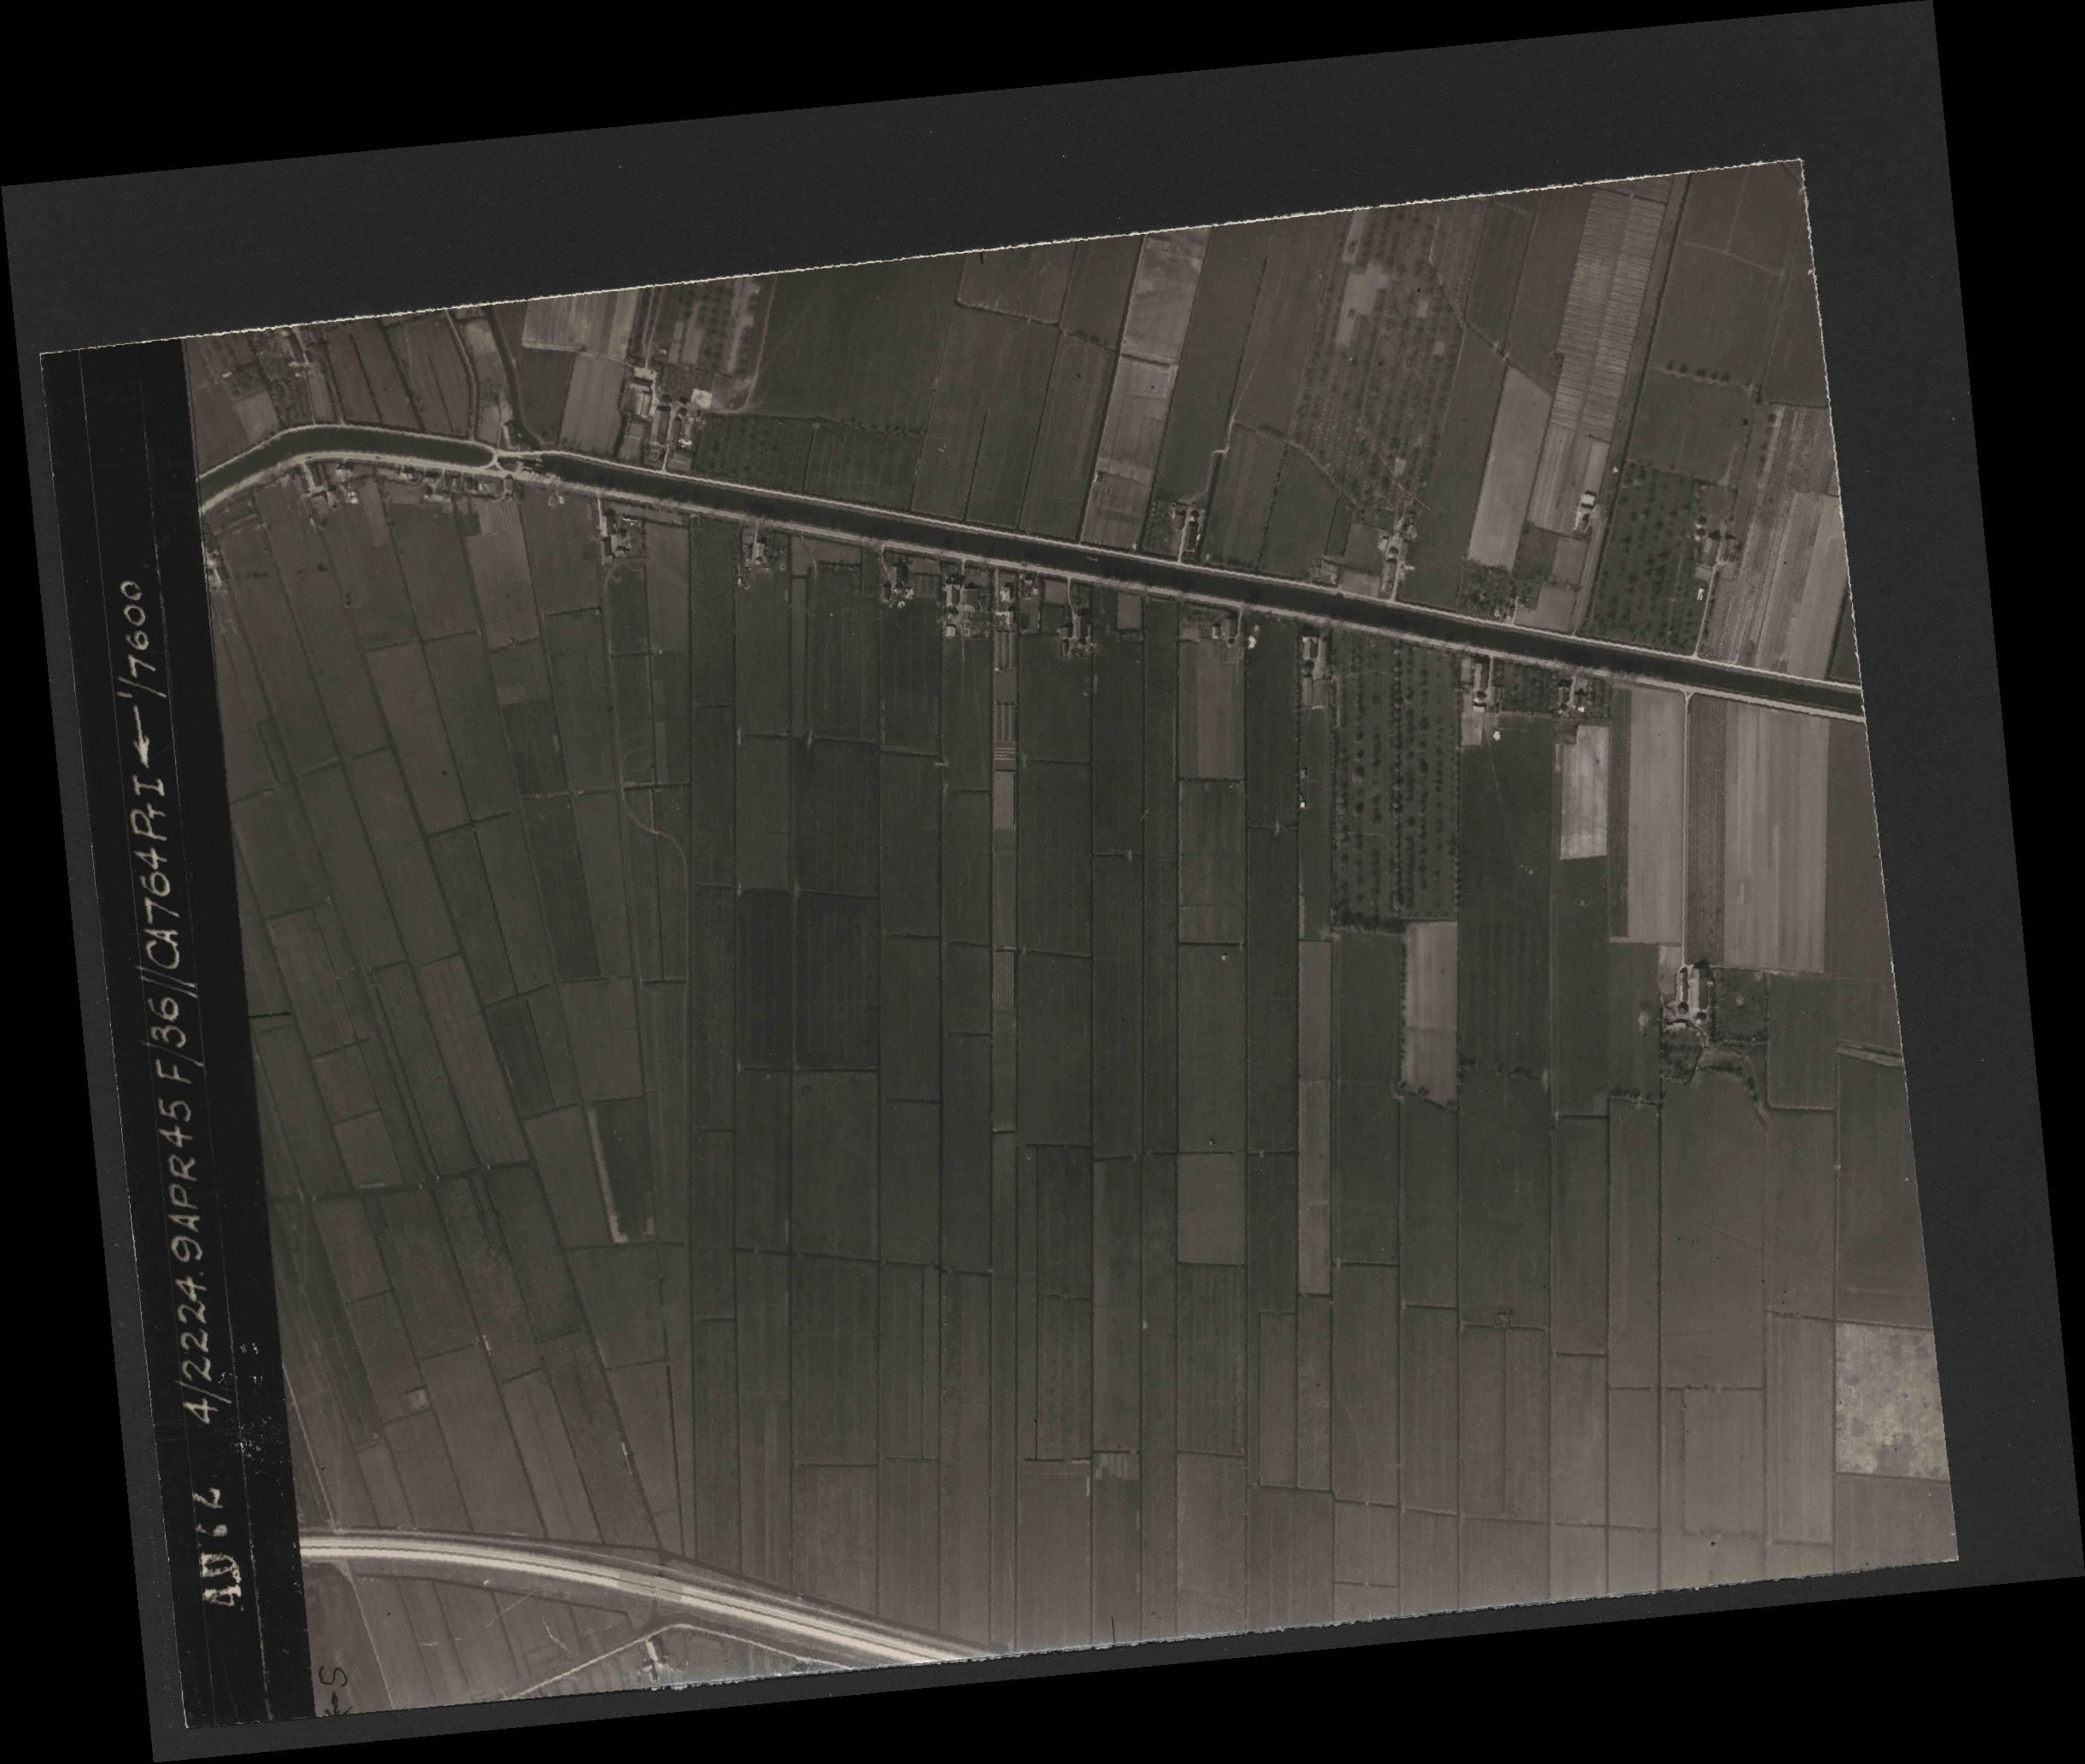 Collection RAF aerial photos 1940-1945 - flight 271, run 21, photo 4072